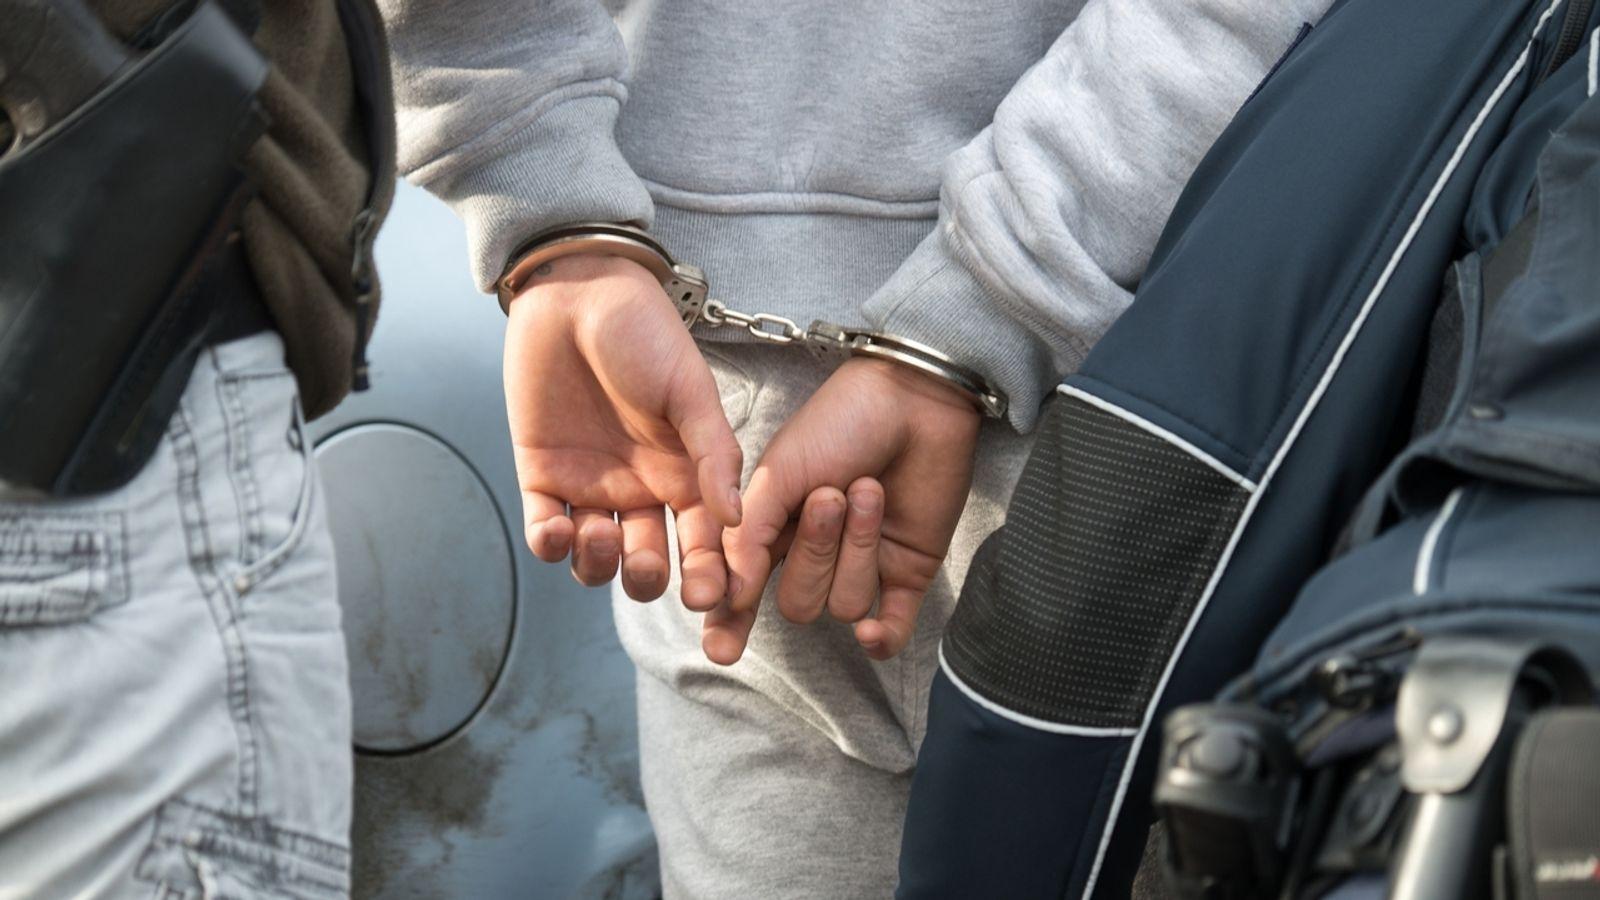 Mutmaßliche Bandendiebe in Nürnberg festgenommen